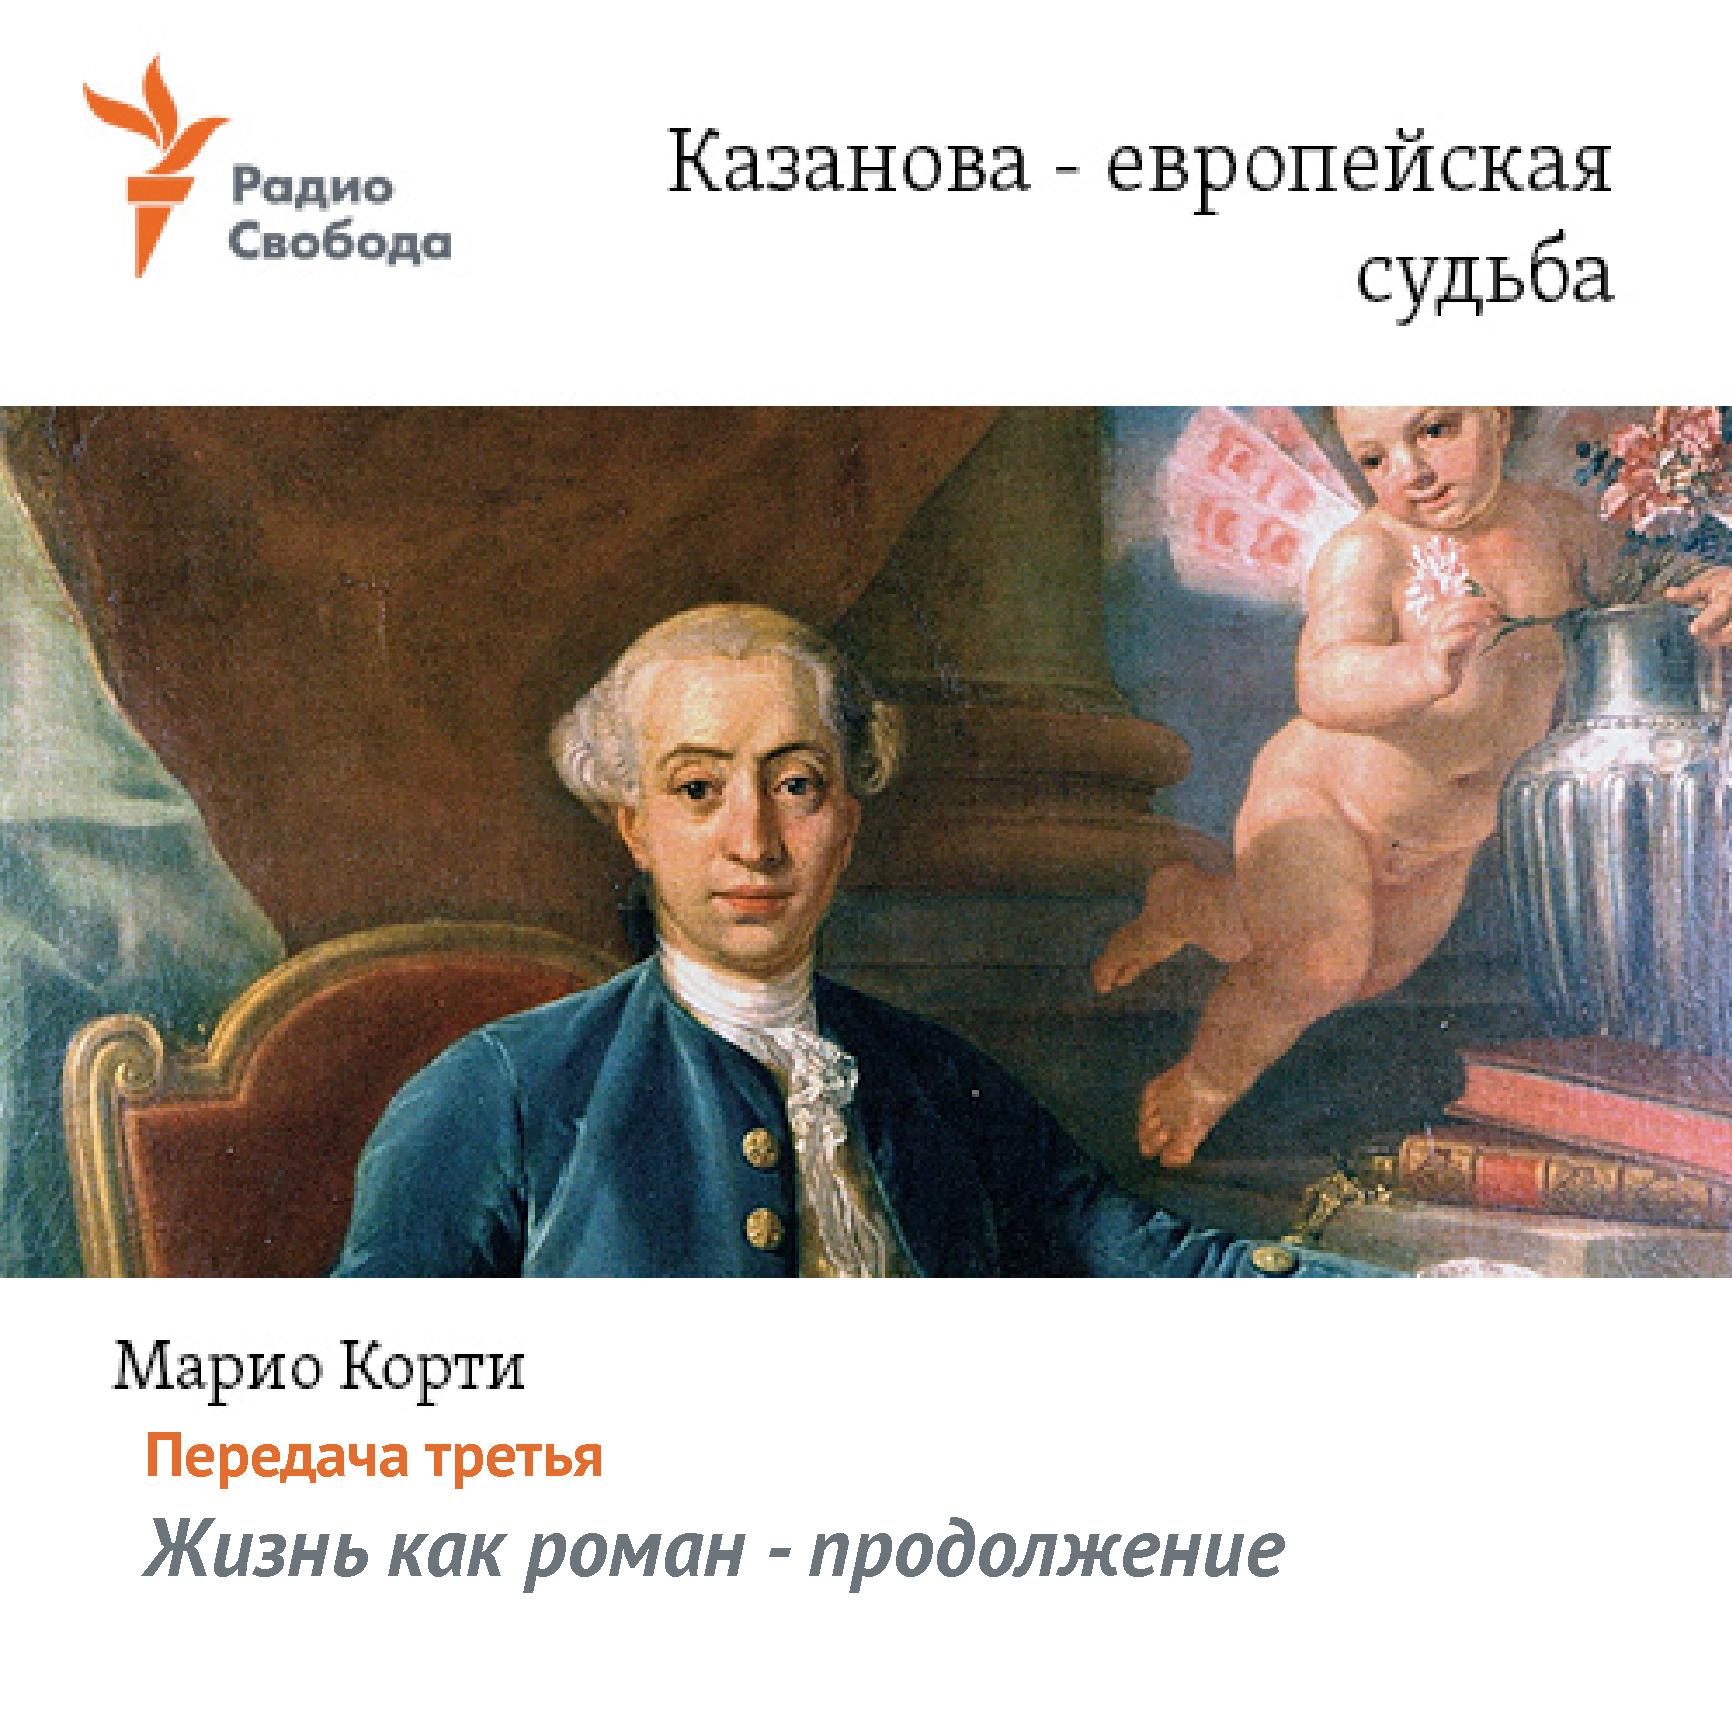 Марио Корти Казанова – европейская судьба. Передача третья – «Жизнь как роман» – продолжение цена